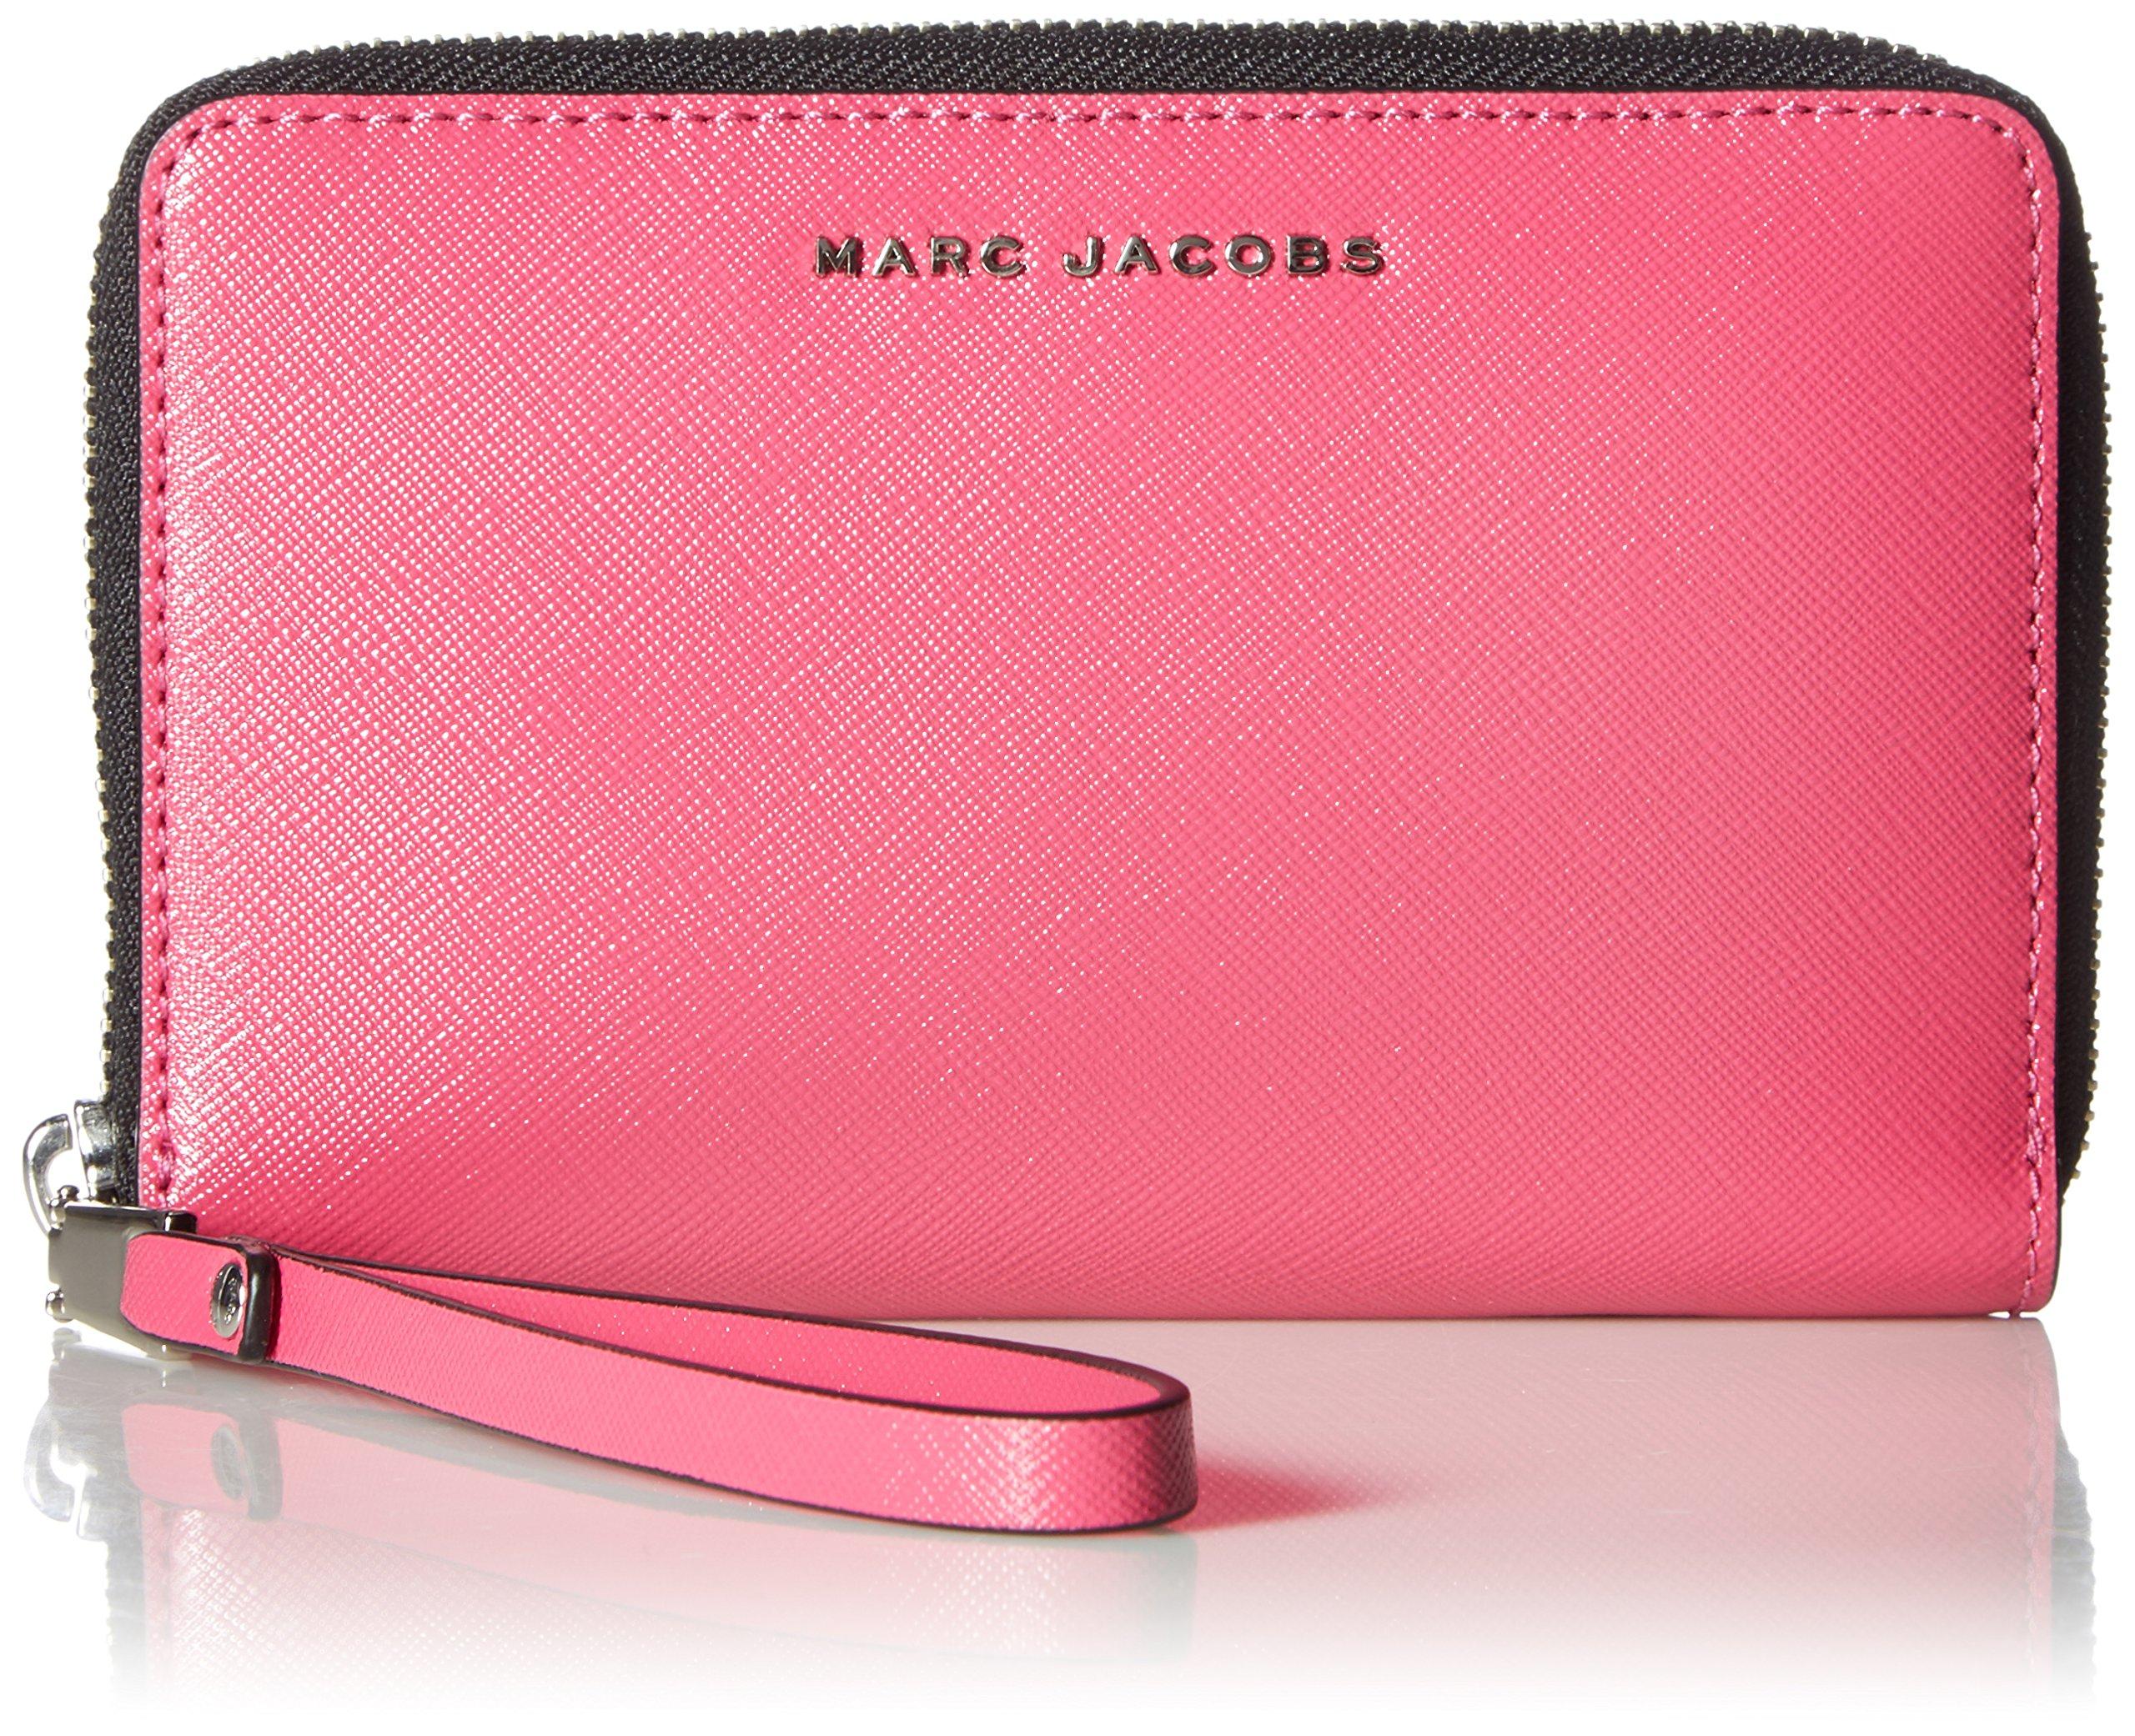 Marc Jacobs Saffiano Bicolor Zip Phone Wristlet, Magenta/Pink